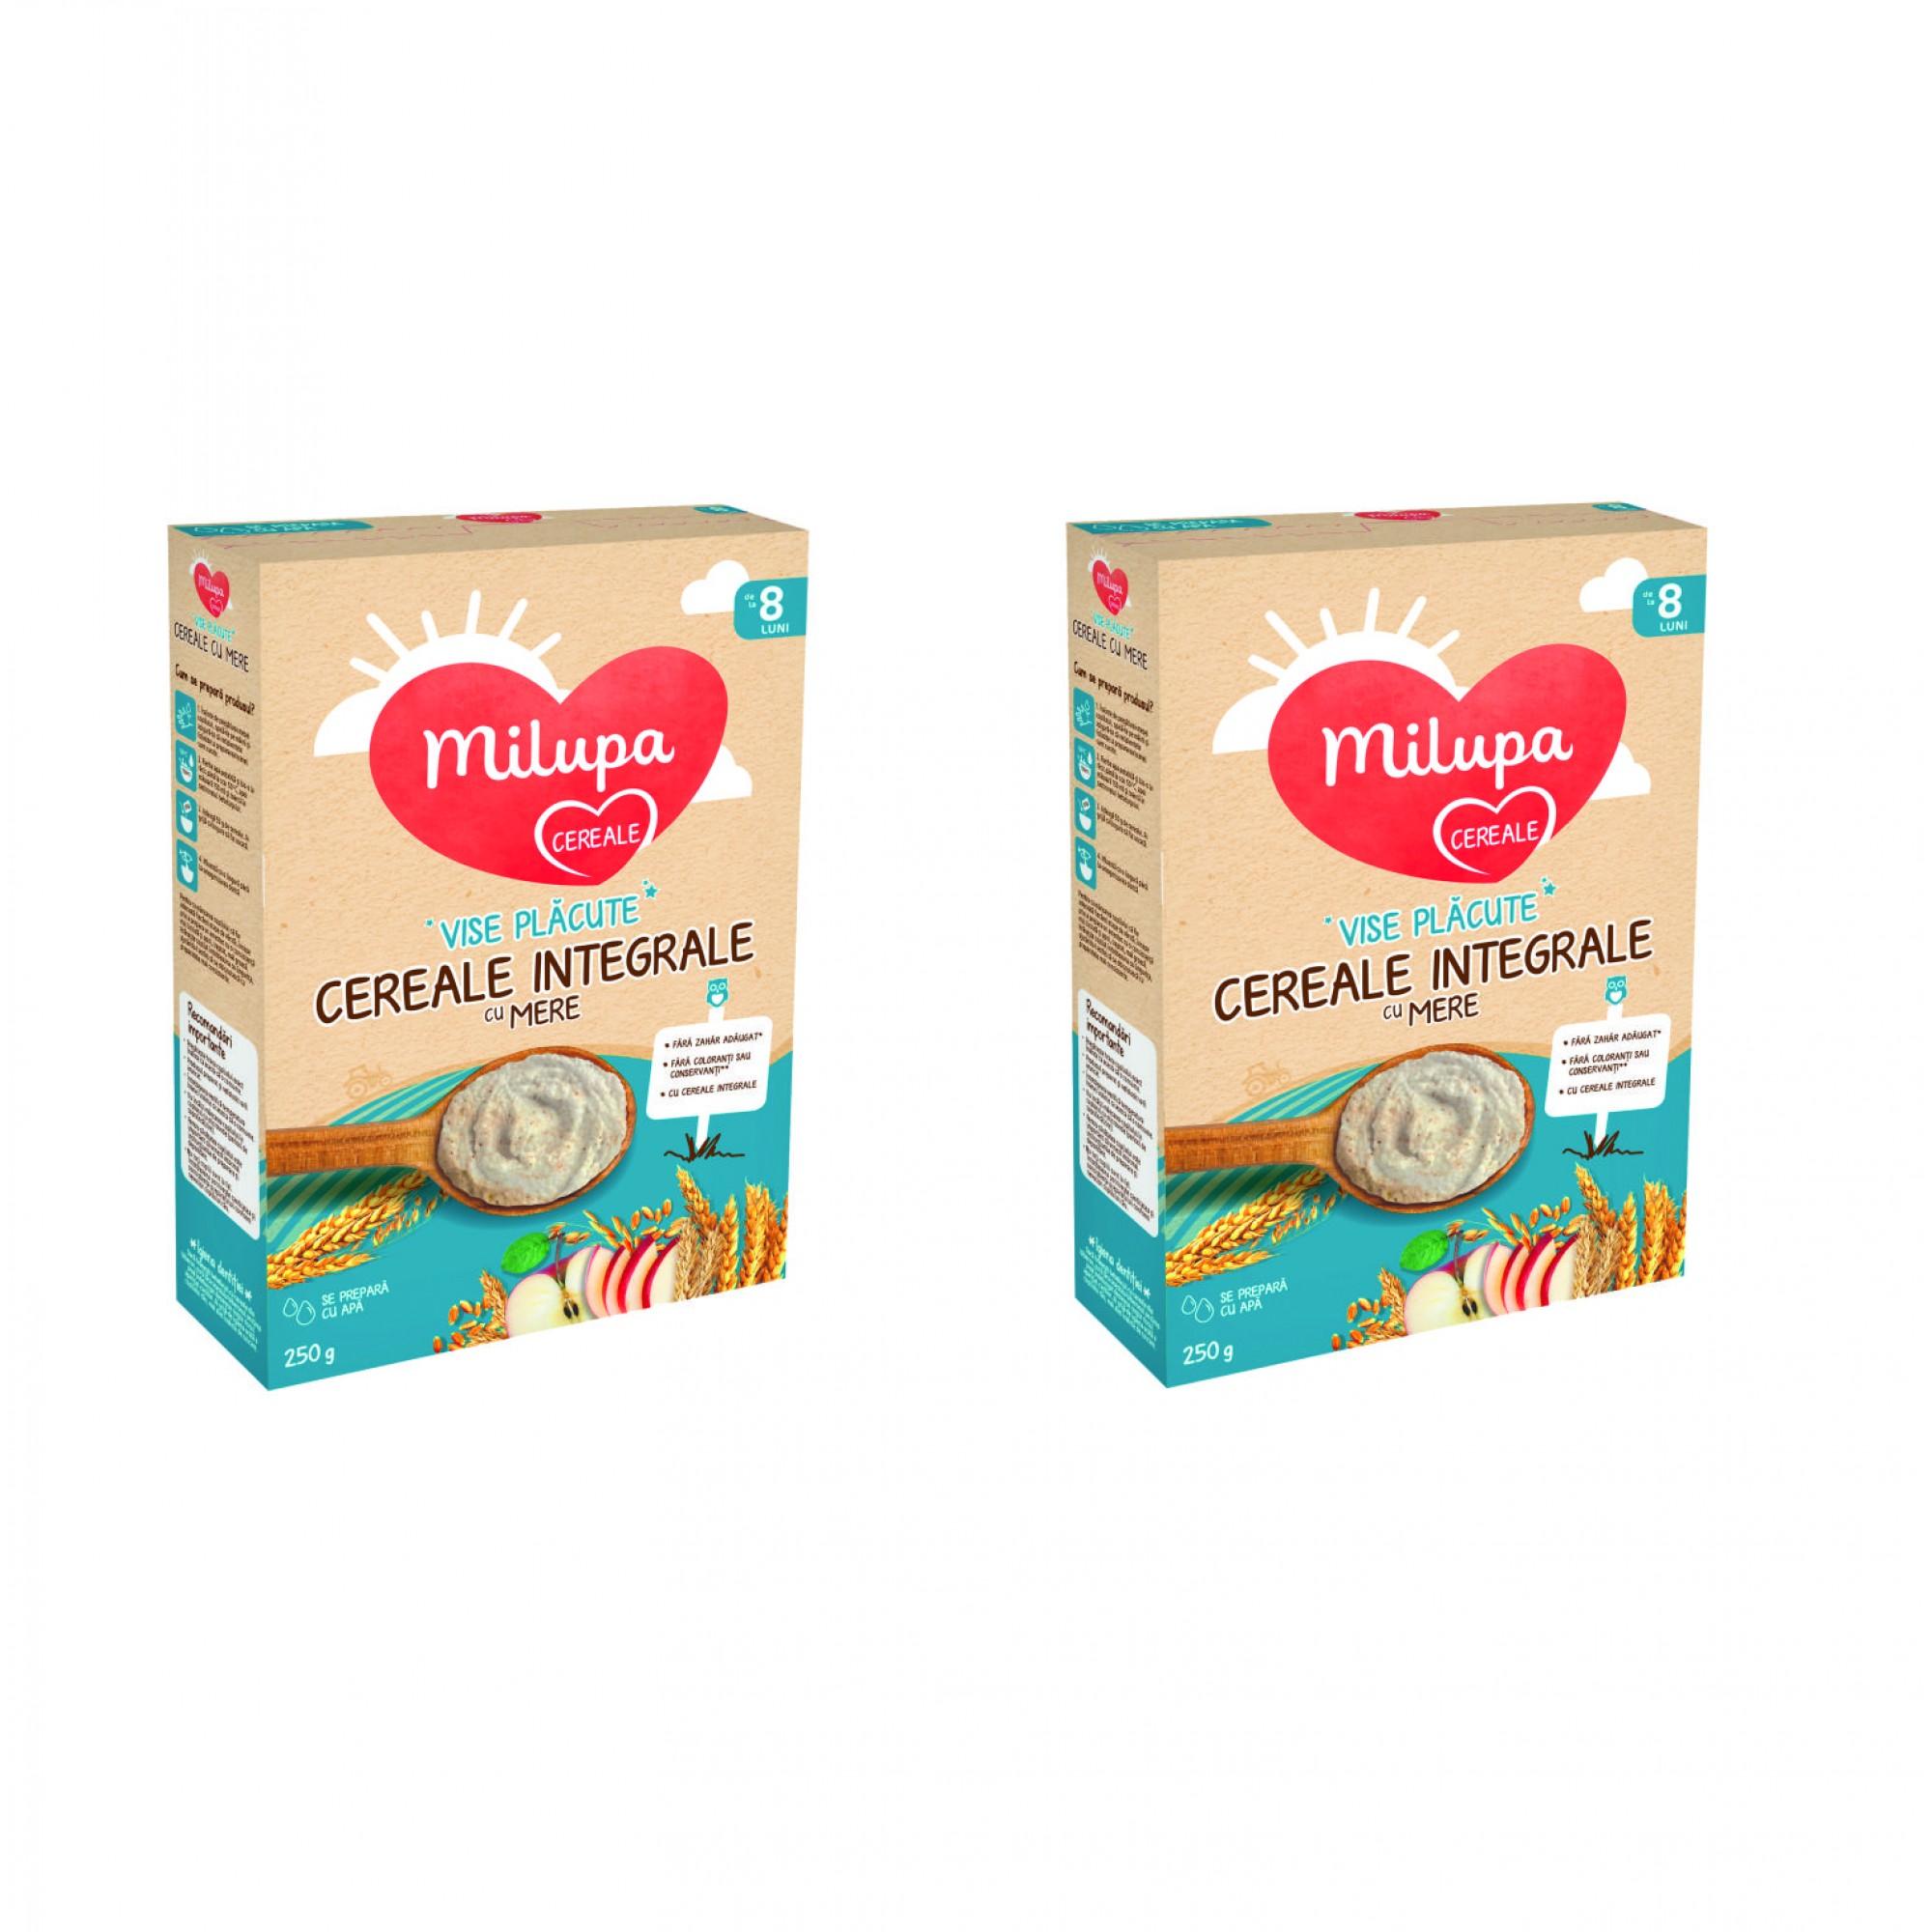 Pachet 2 x Milupa Vise Placute Cereale integrale cu mere